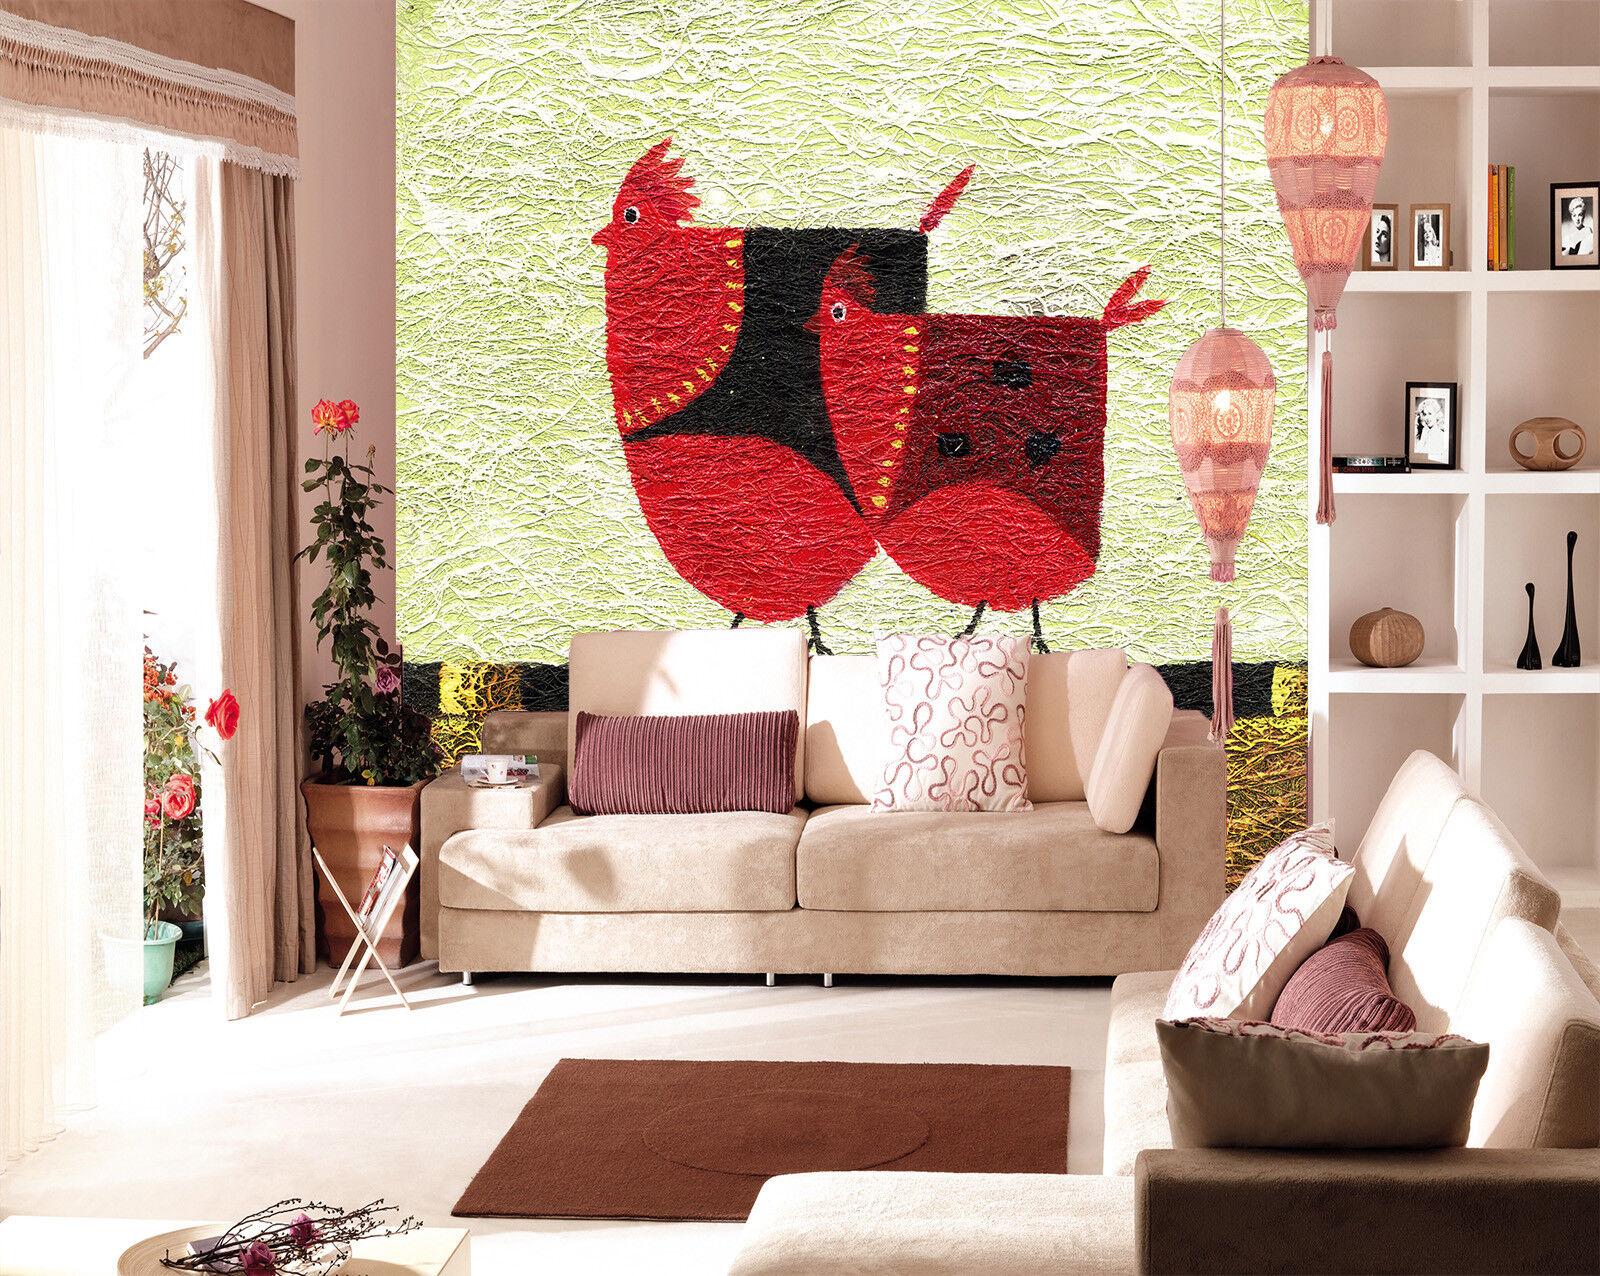 3D Cartoon Henne 865 Tapete Tapete Tapete Wandgemälde Tapete Tapeten Bild Familie DE Summer   Gewinnen Sie das Lob der Kunden  905298